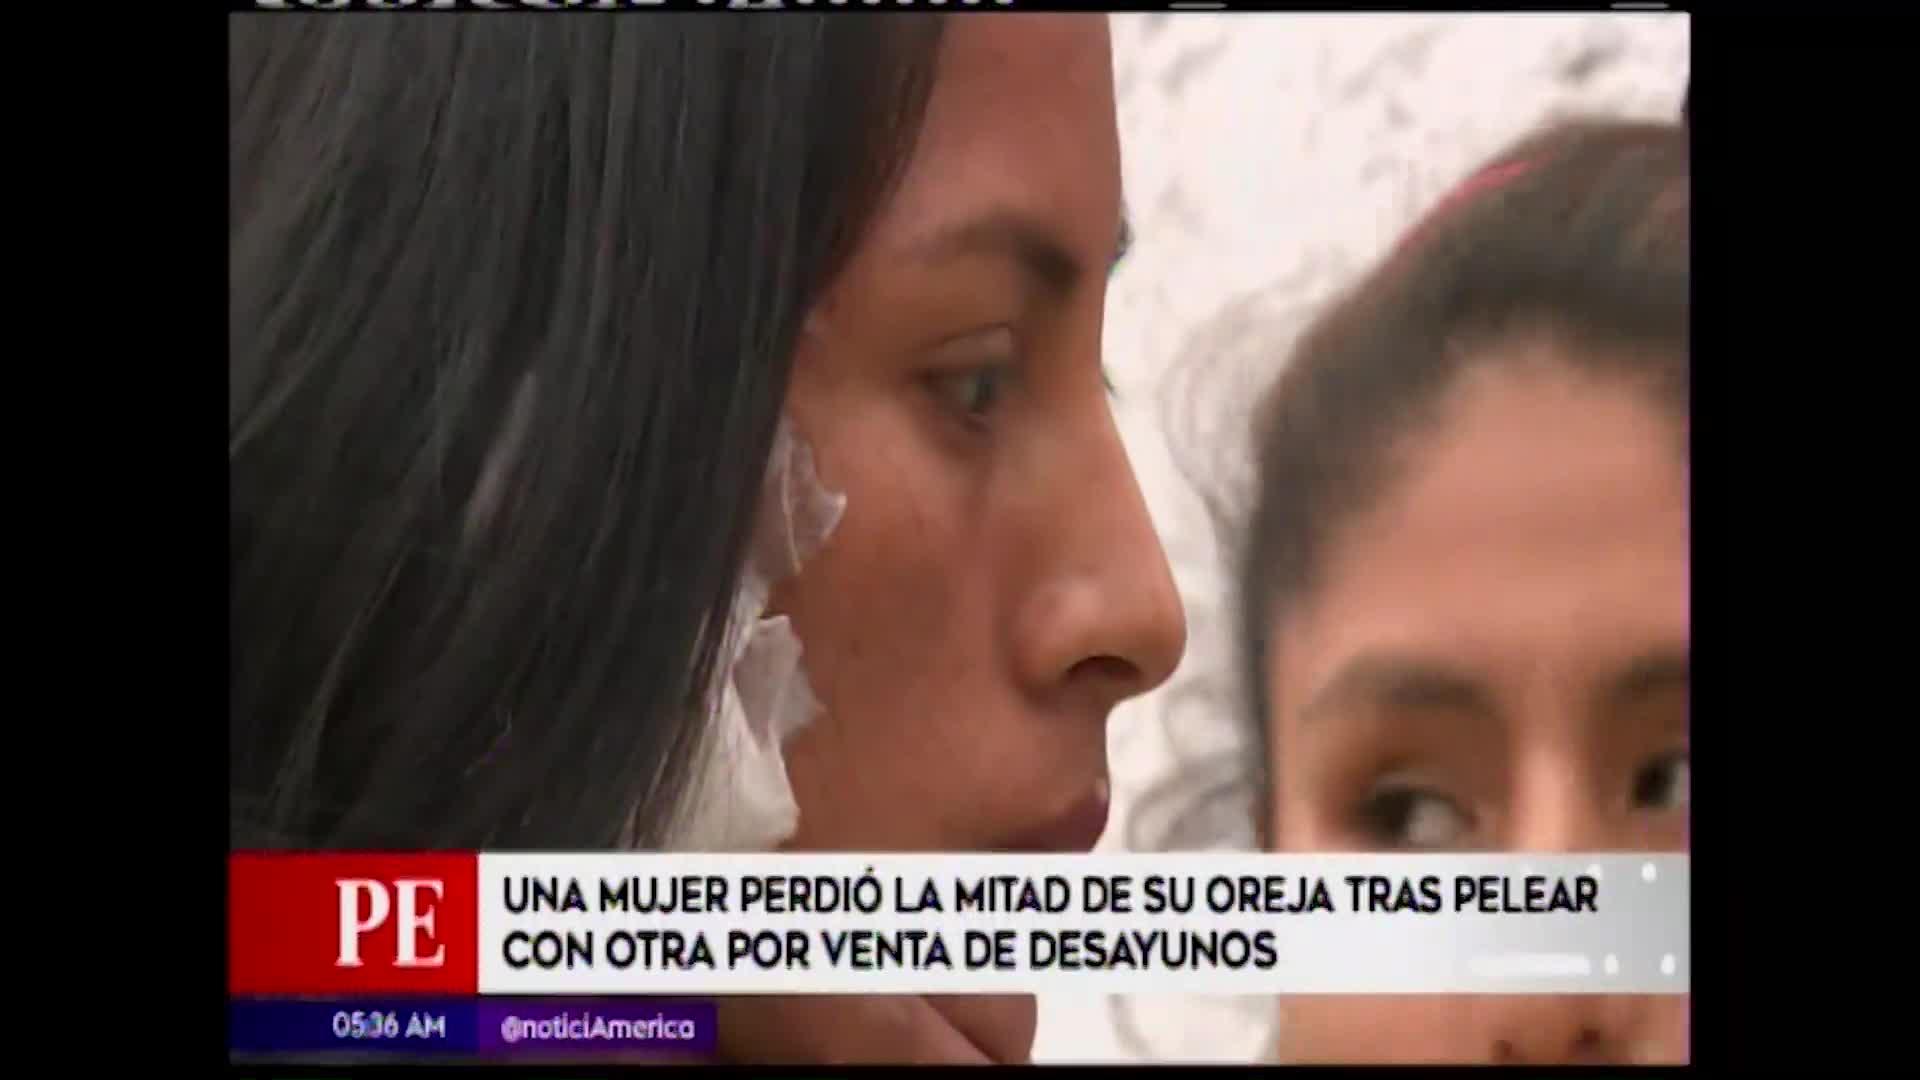 Vendedora de desayuno arrancó parte de la oreja a otra mujer por disputa de clientes